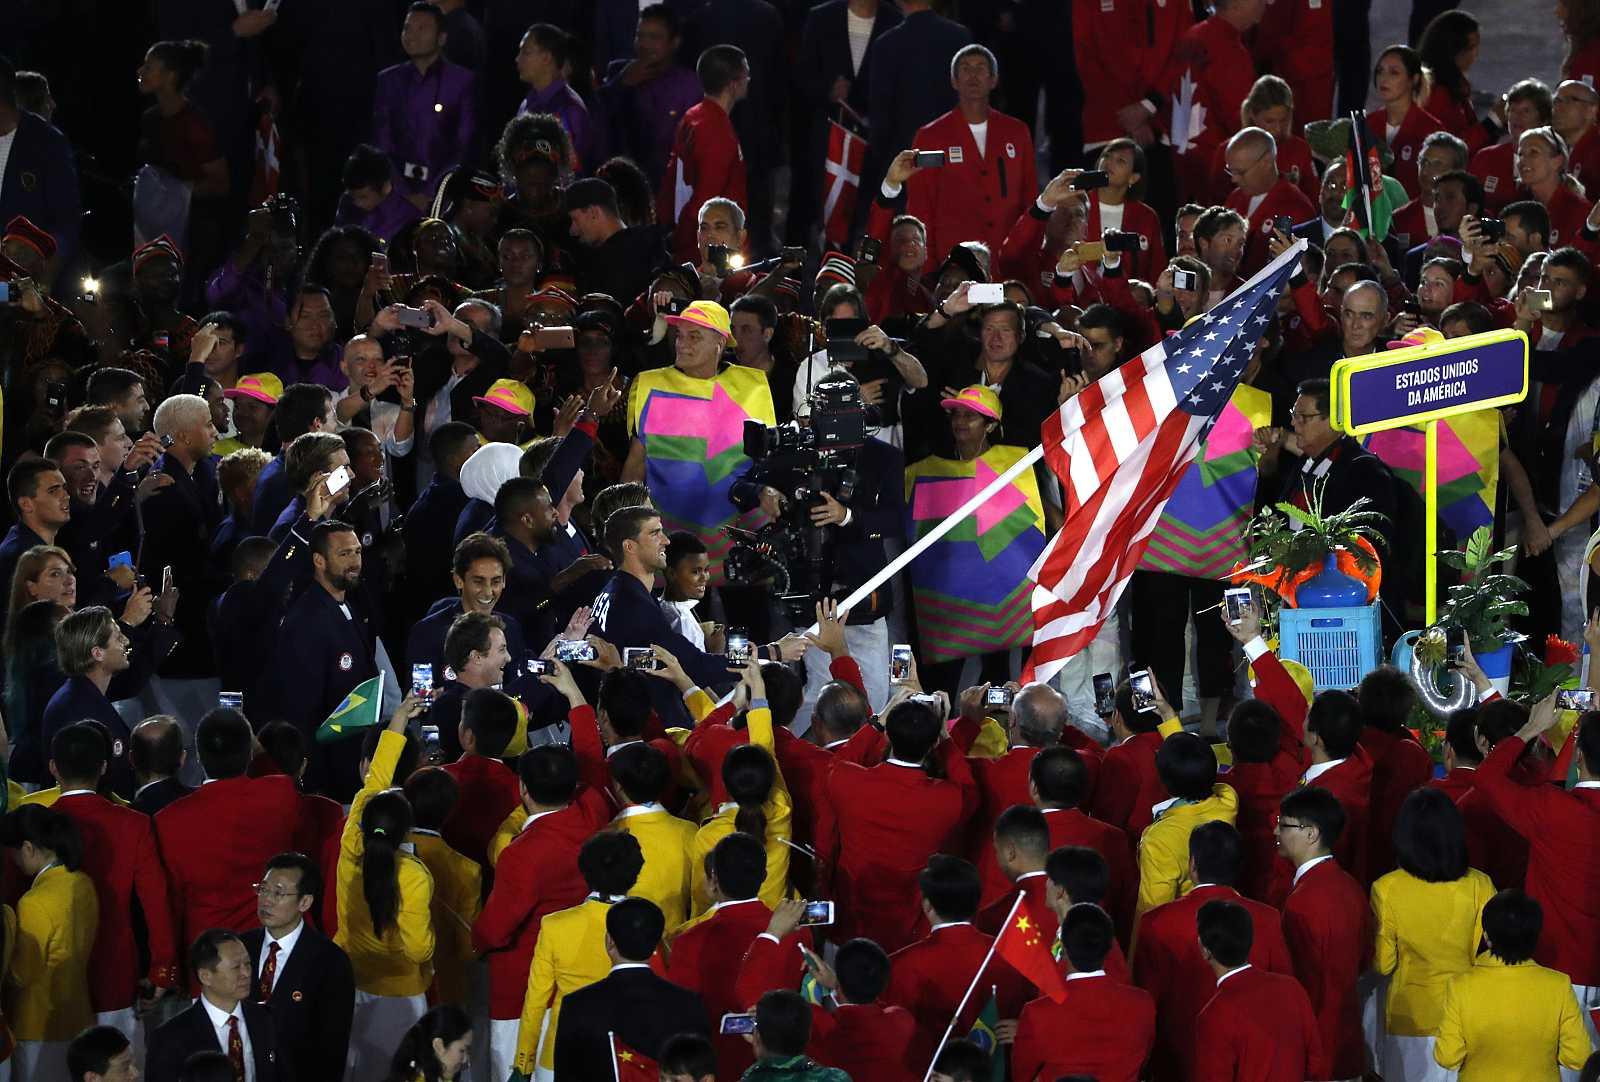 El nadador Michael Phelps (c) encabeza la delegación de Estados Unidos durante la ceremonia de inauguración de los Juegos Olímpicos Río 2016 (5 de agosto de 2016)